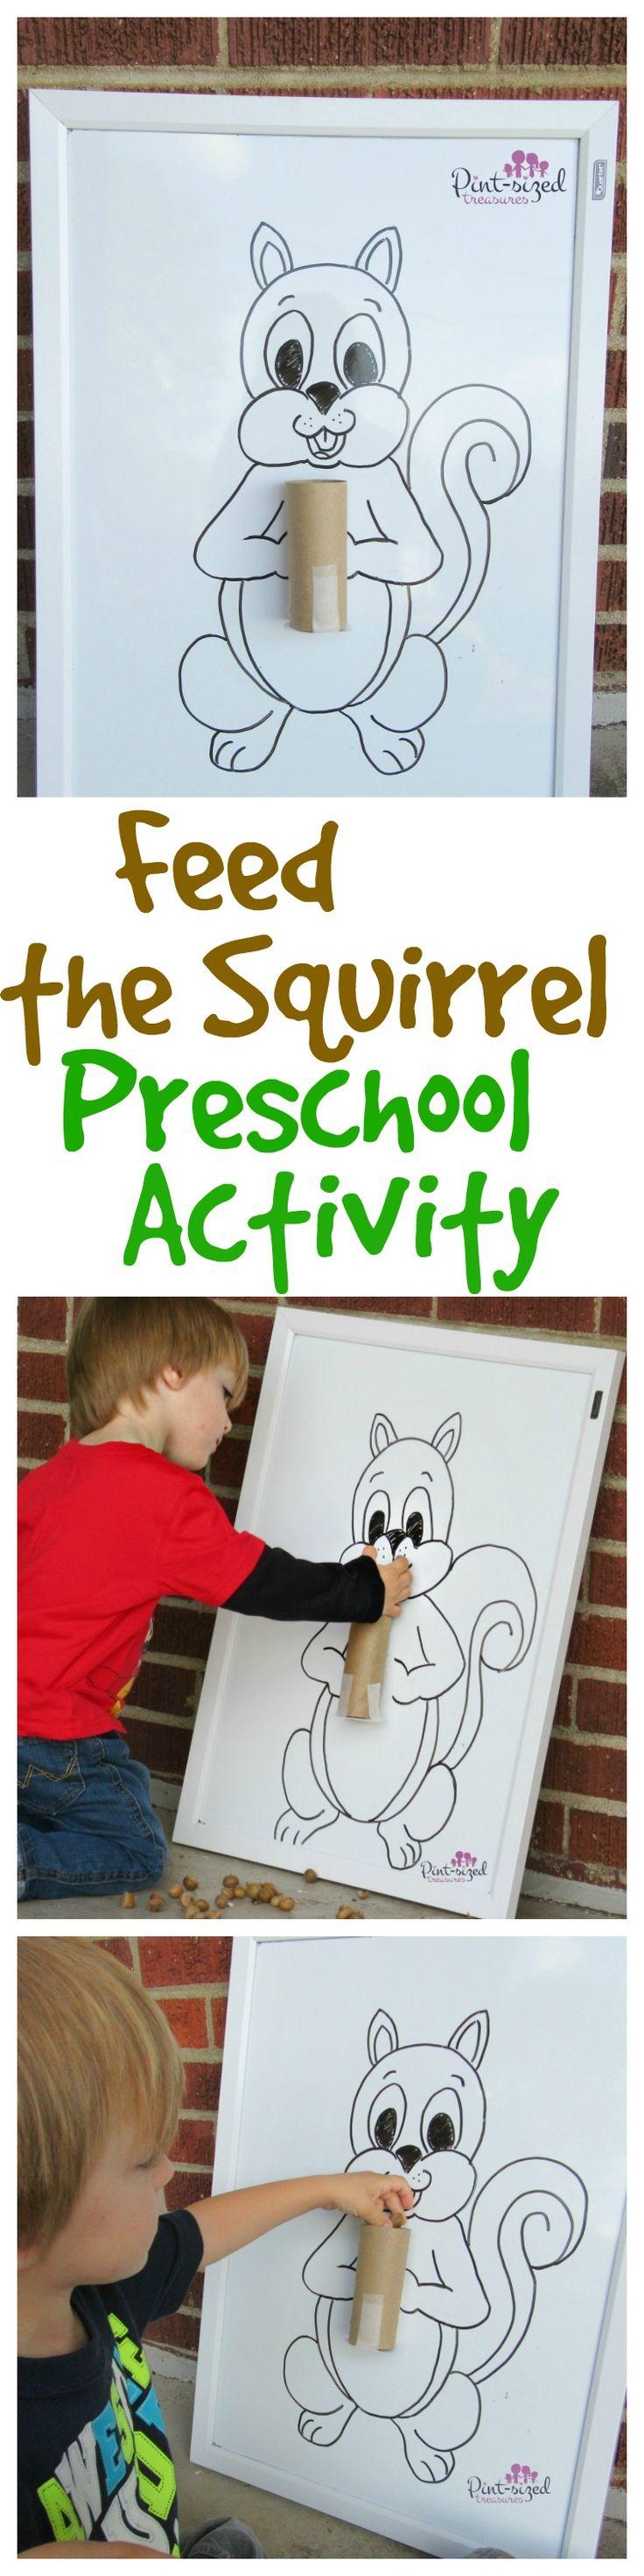 919 best PRESCHOOL PLAY images on Pinterest | Preschool activities ...